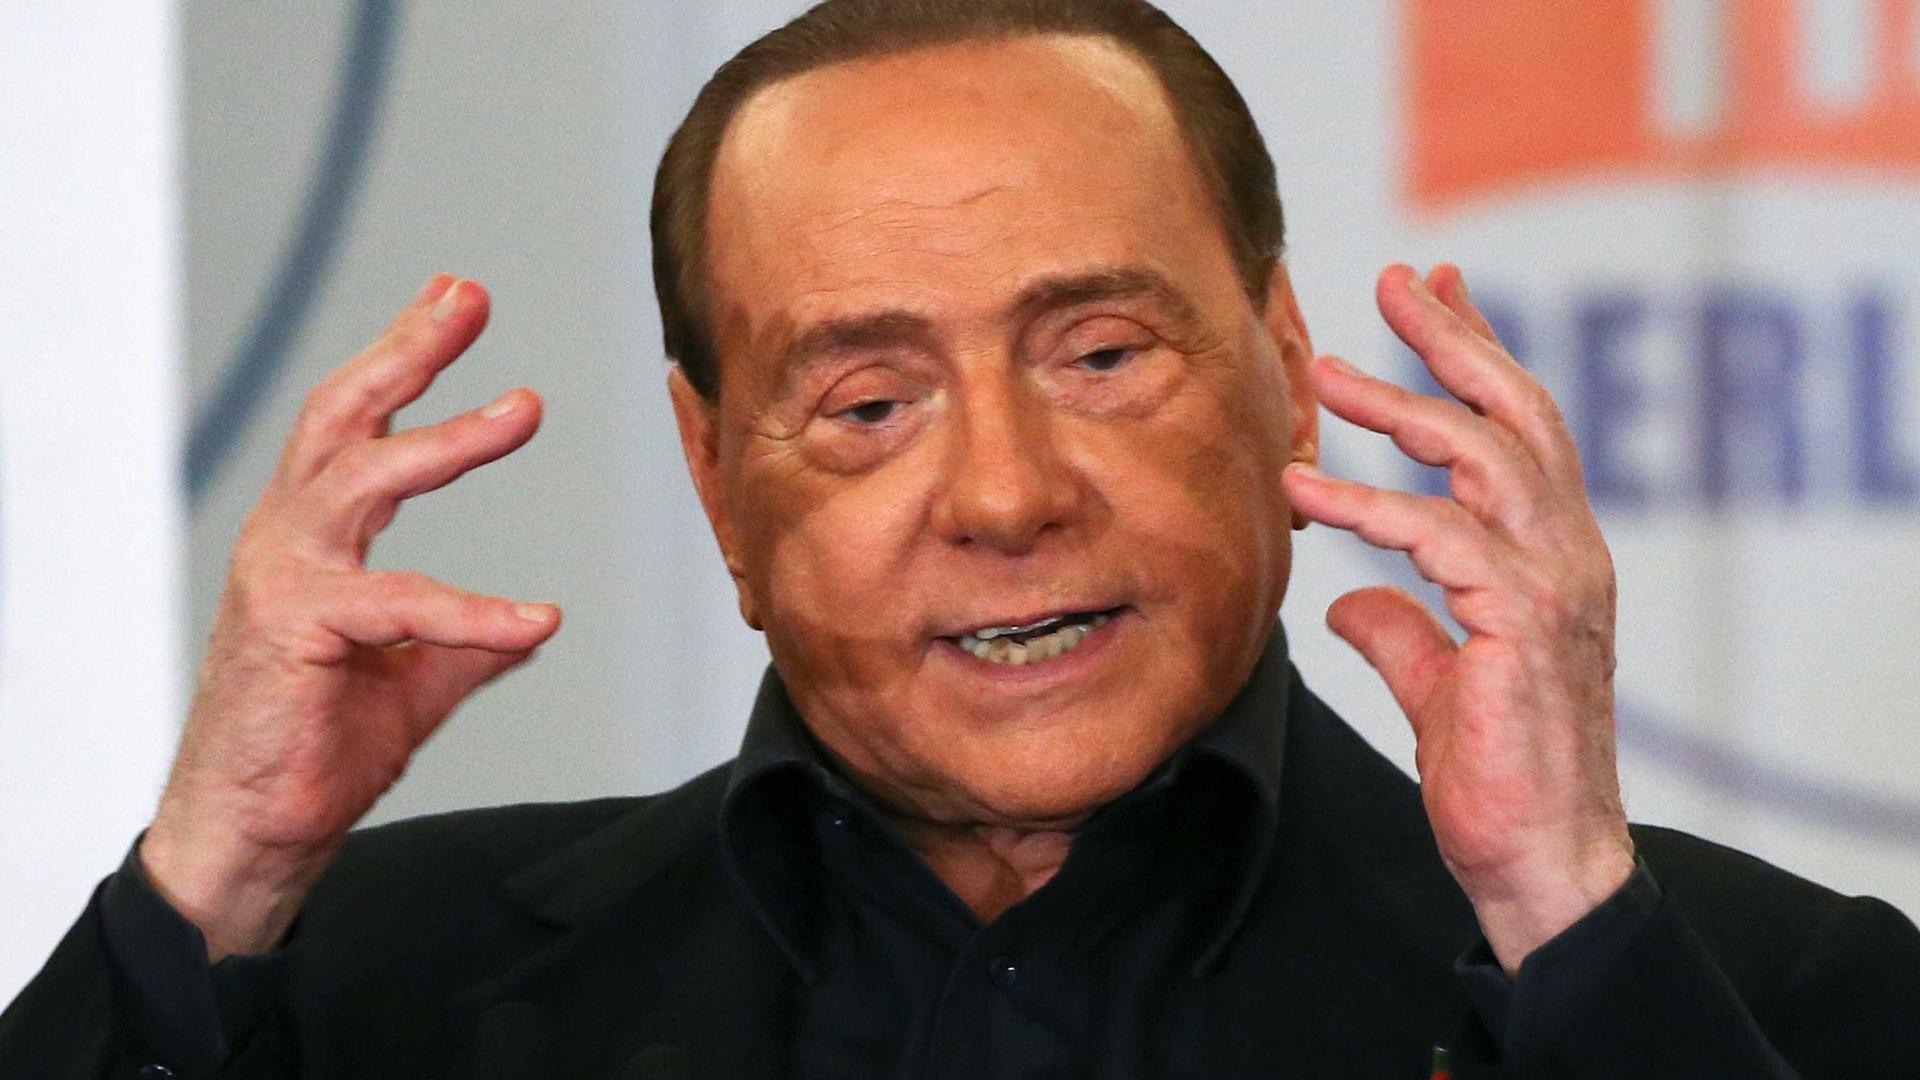 Silvio Berlusconi vira réu por corromper testemunha